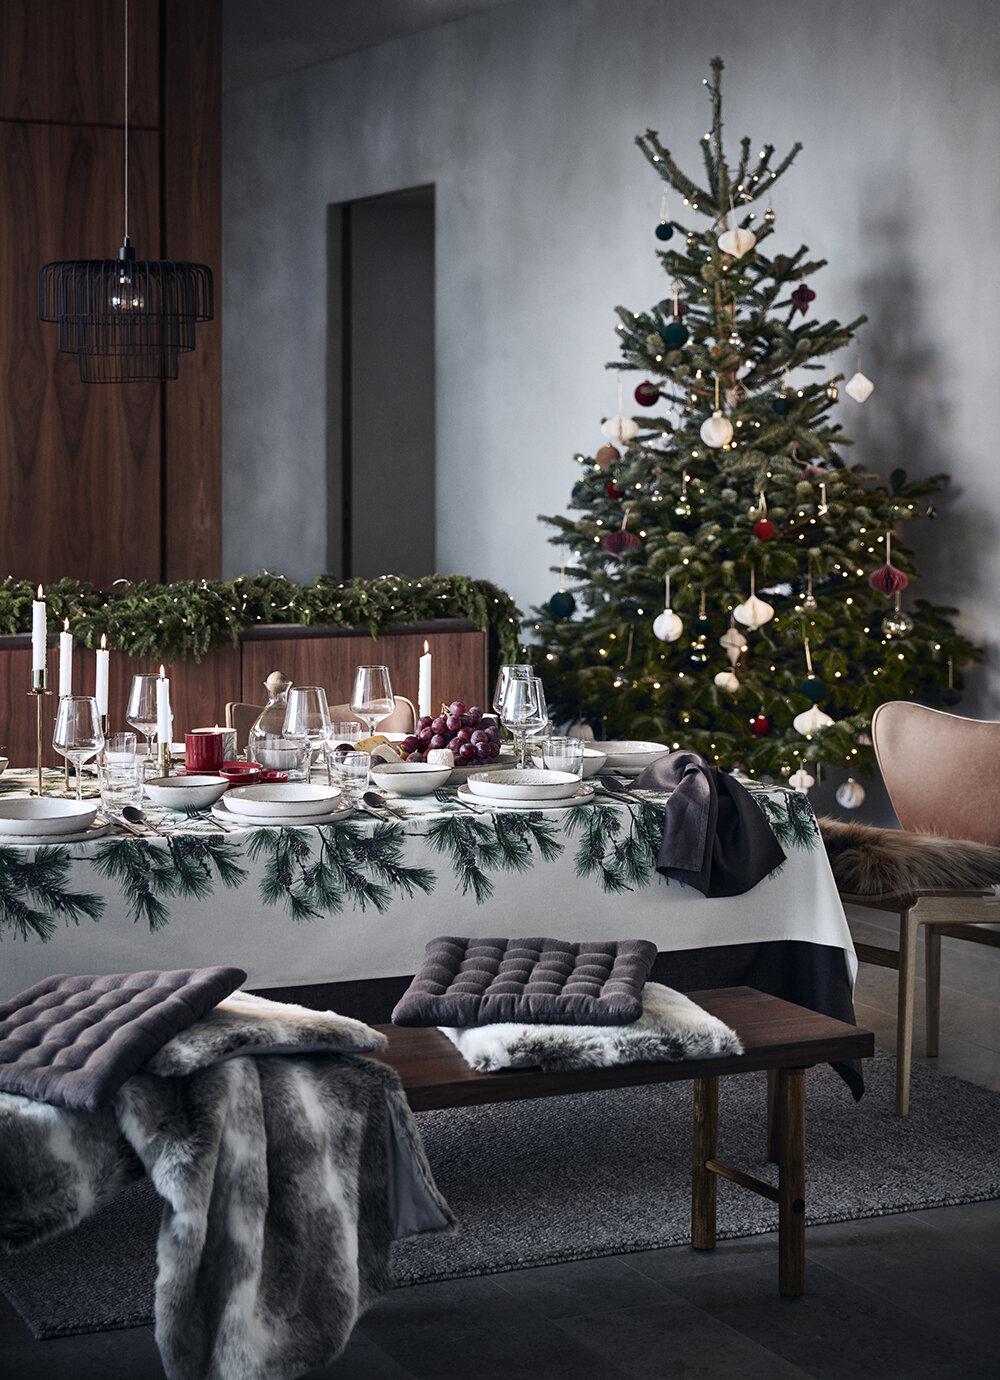 Christmas Home Decor 2019.H M Home Christmas Collection 2019 The Nordroom